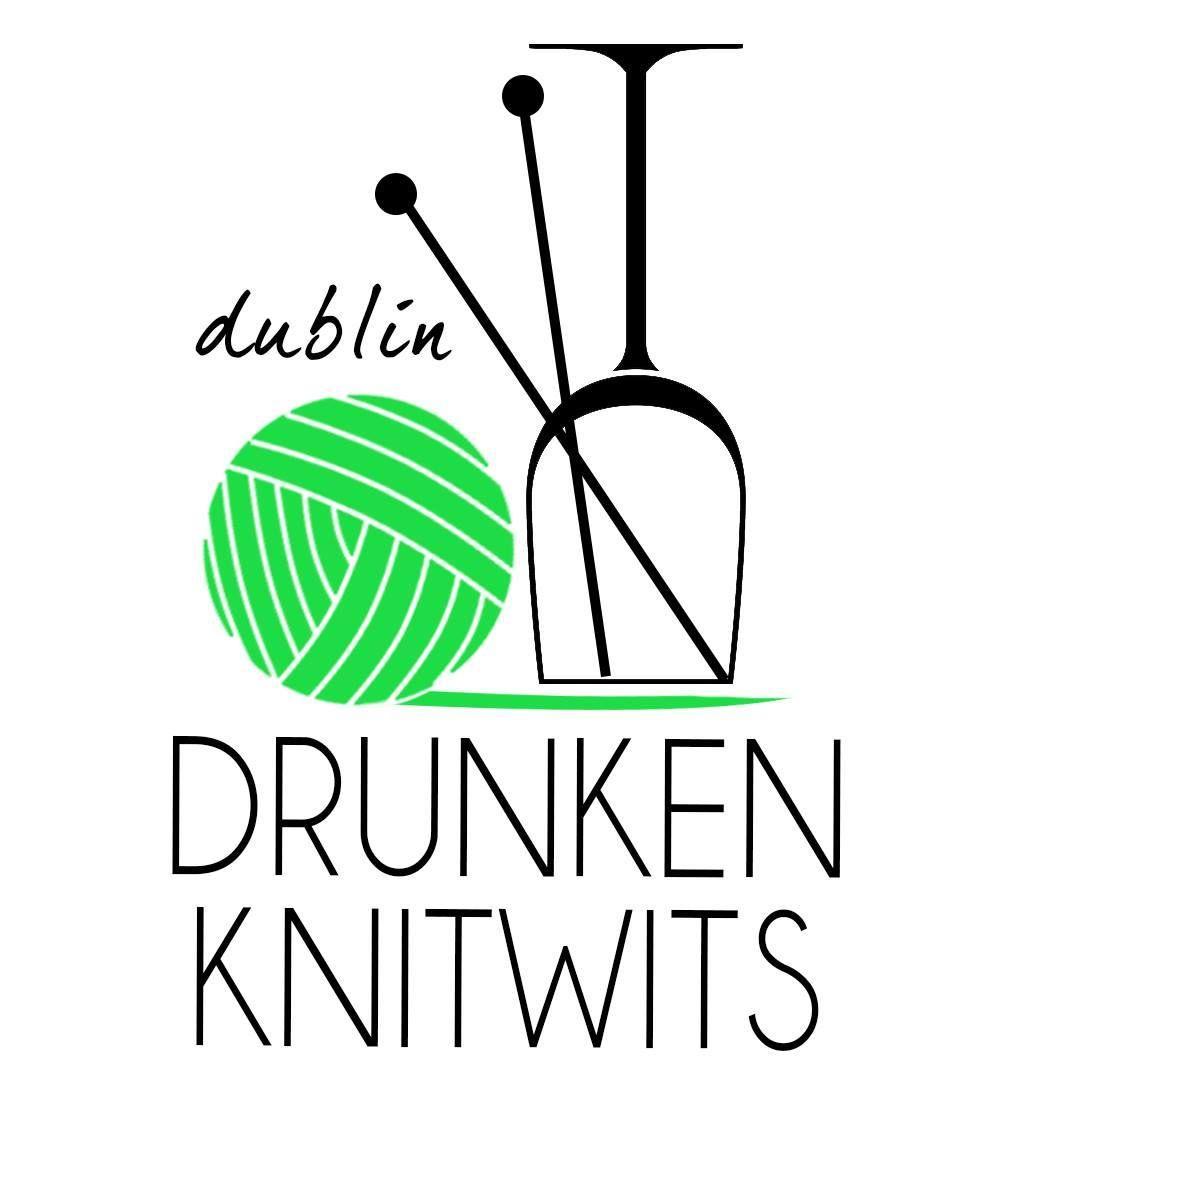 Dublin Drunken Knitwits